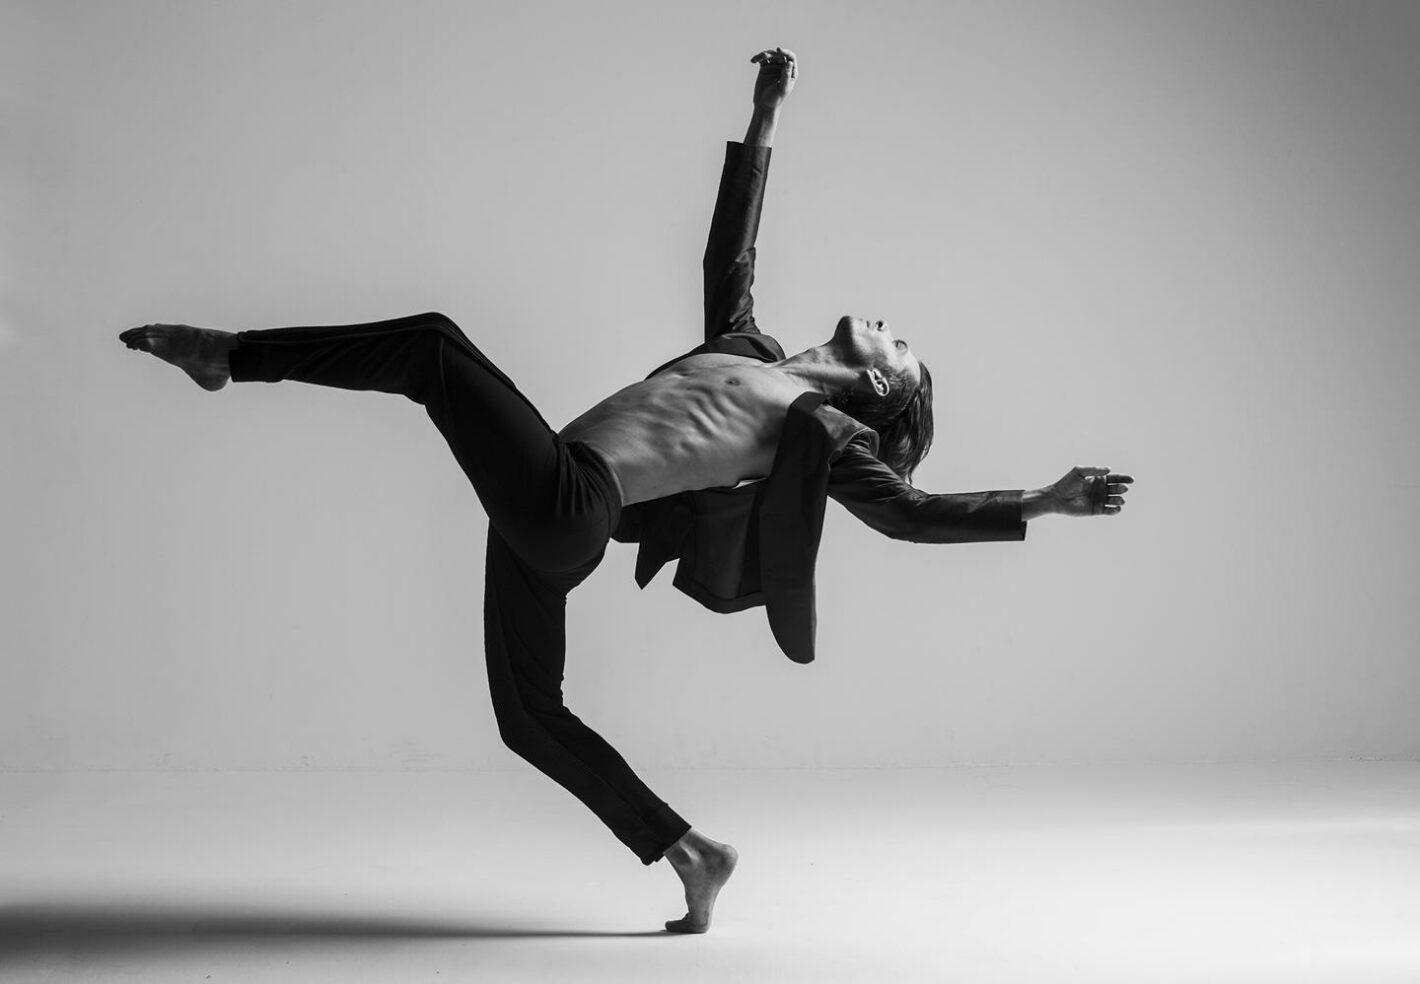 La poésie des mouvements par Julien Benhamou